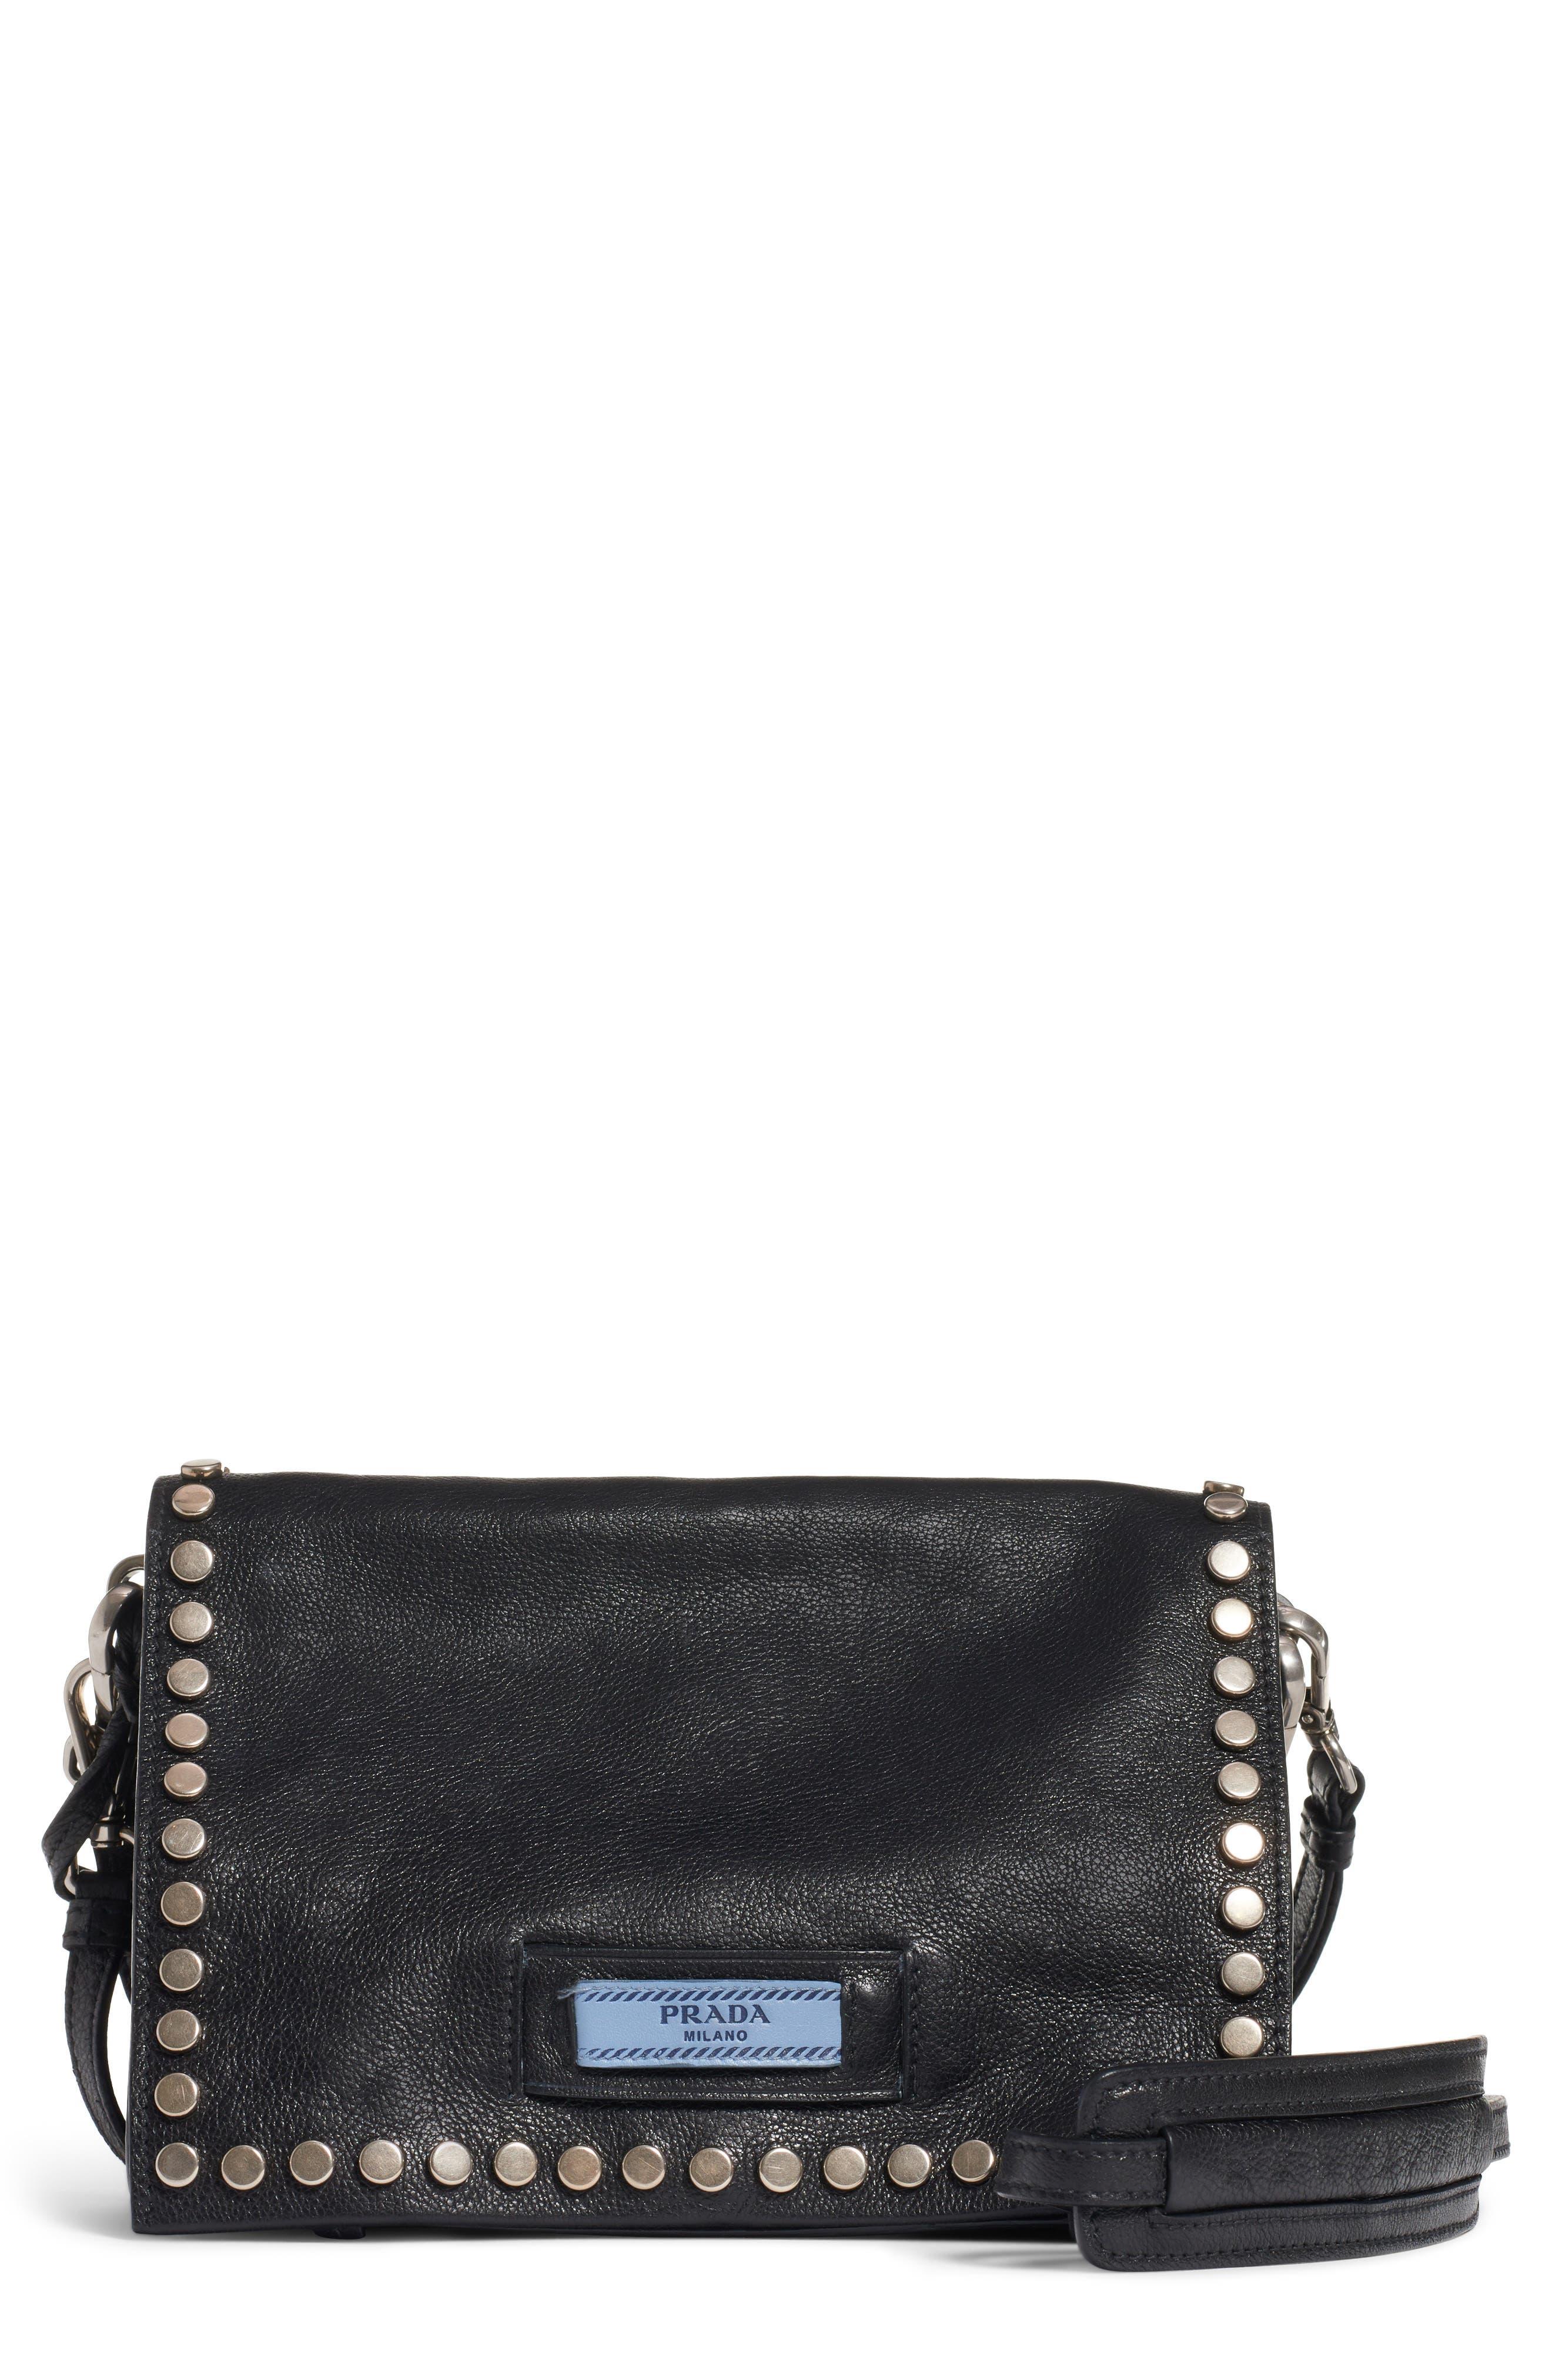 Small Stud Etiquette Shoulder Bag, Main, color, NERO/ ASTRALE